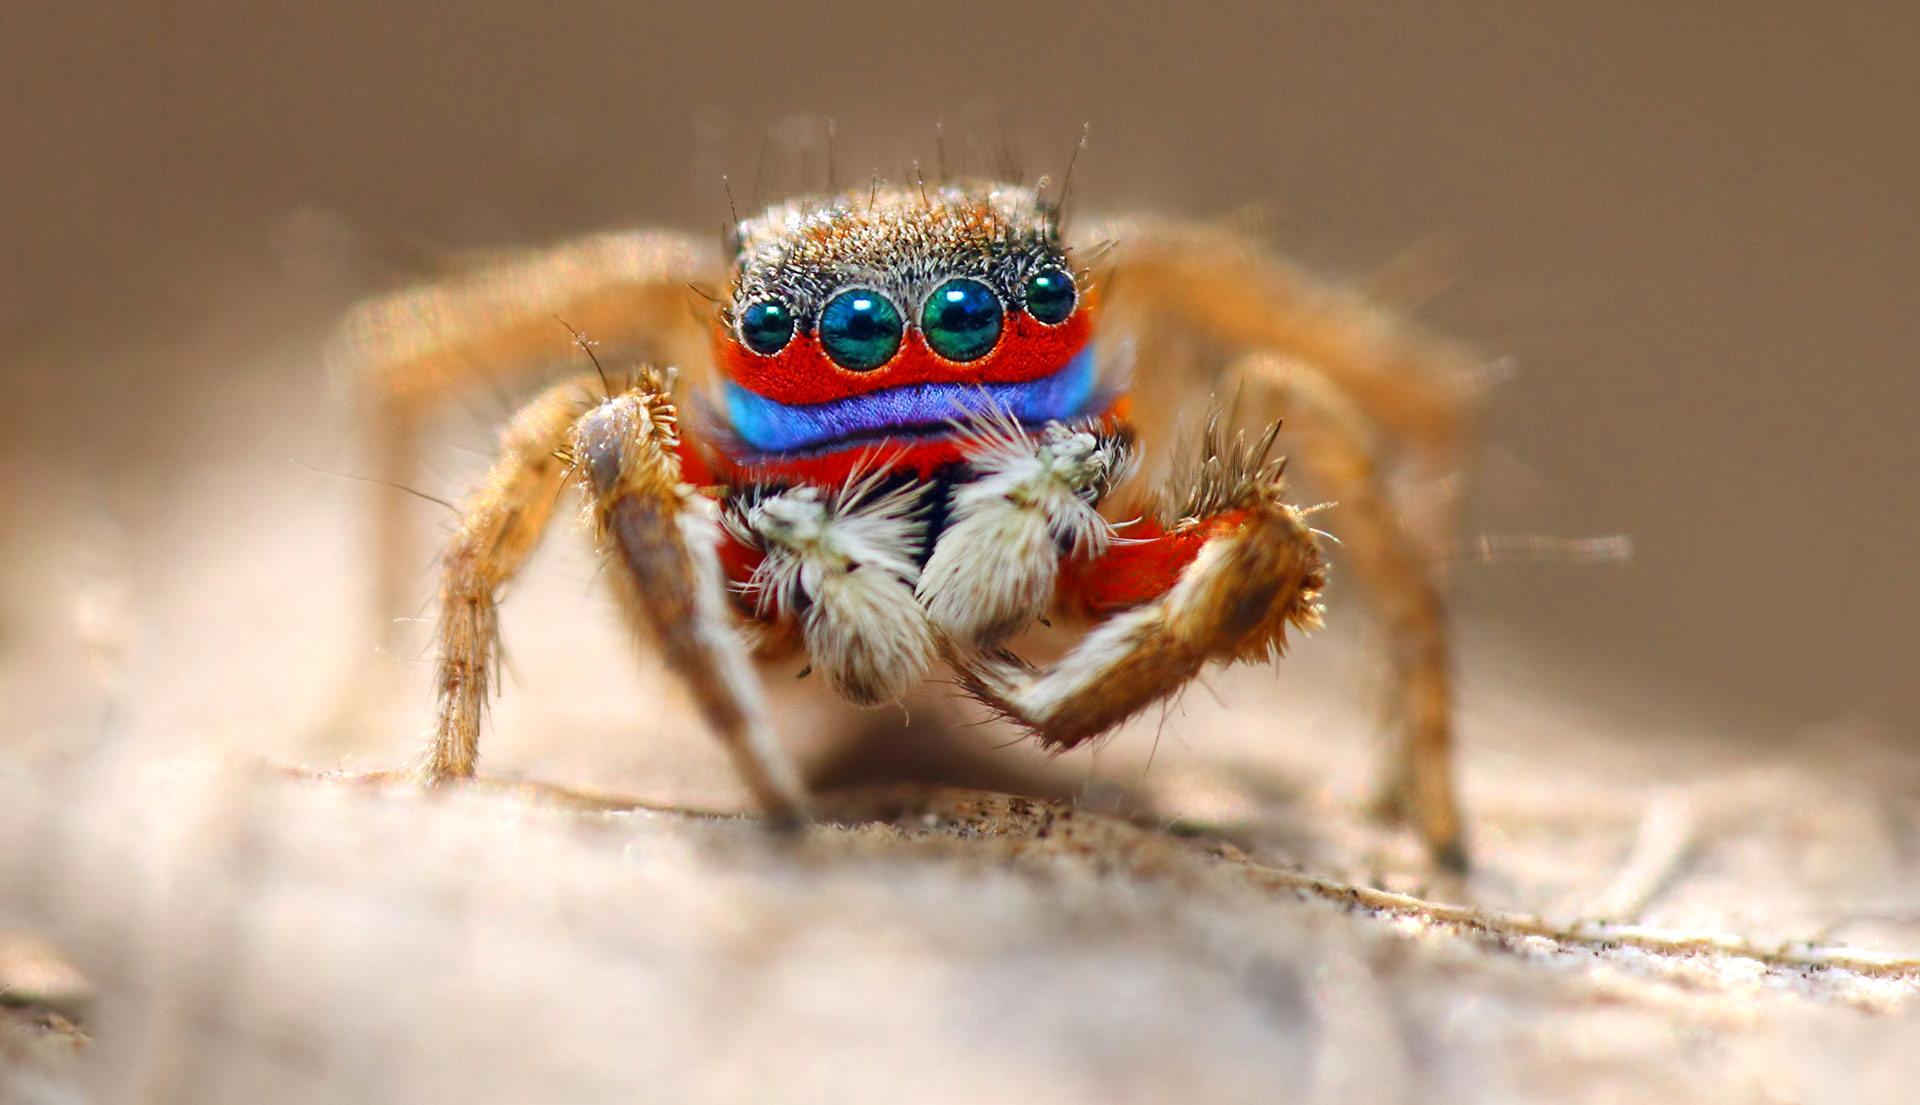 замечают, что фото паука в высоком разрешении того, каждая пятая